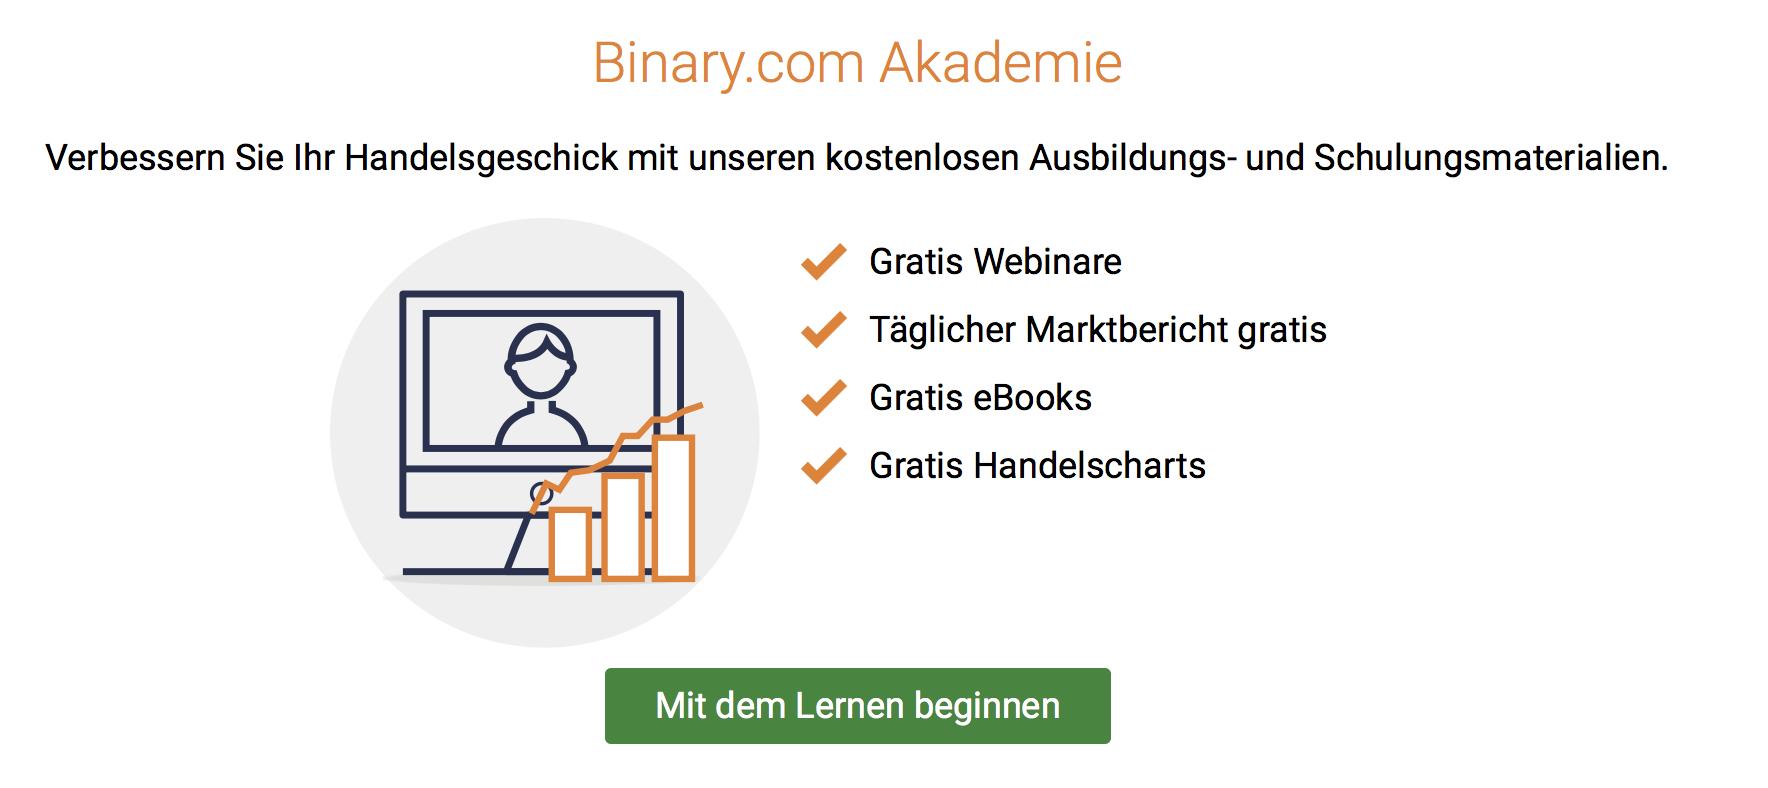 Neben einem gratis Demokonto bietet Binary.com auch ein solides Weiterbildungsangebot.